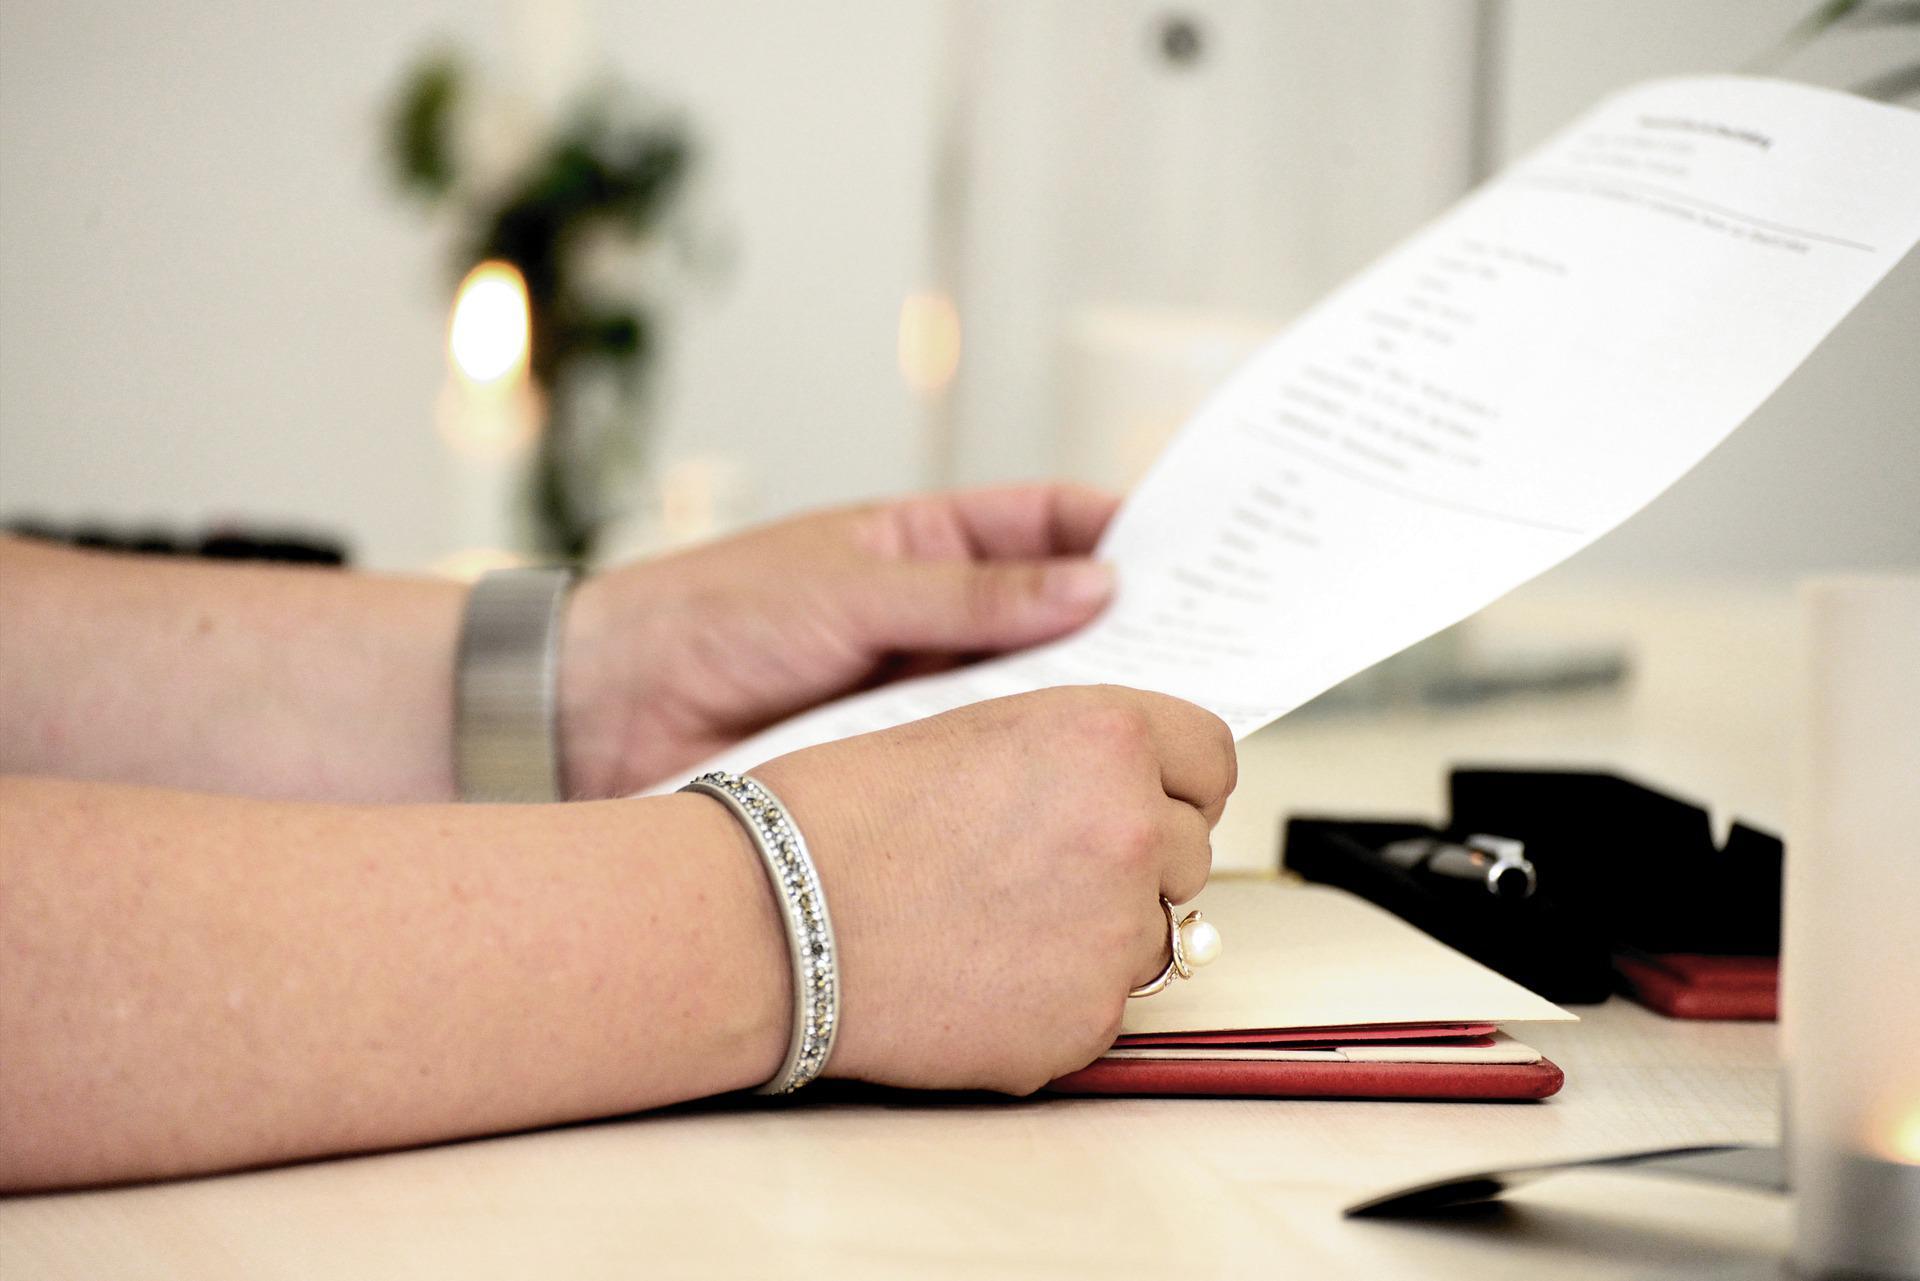 В трудовой договор могут включить обязательства по повышению квалификации сотрудников